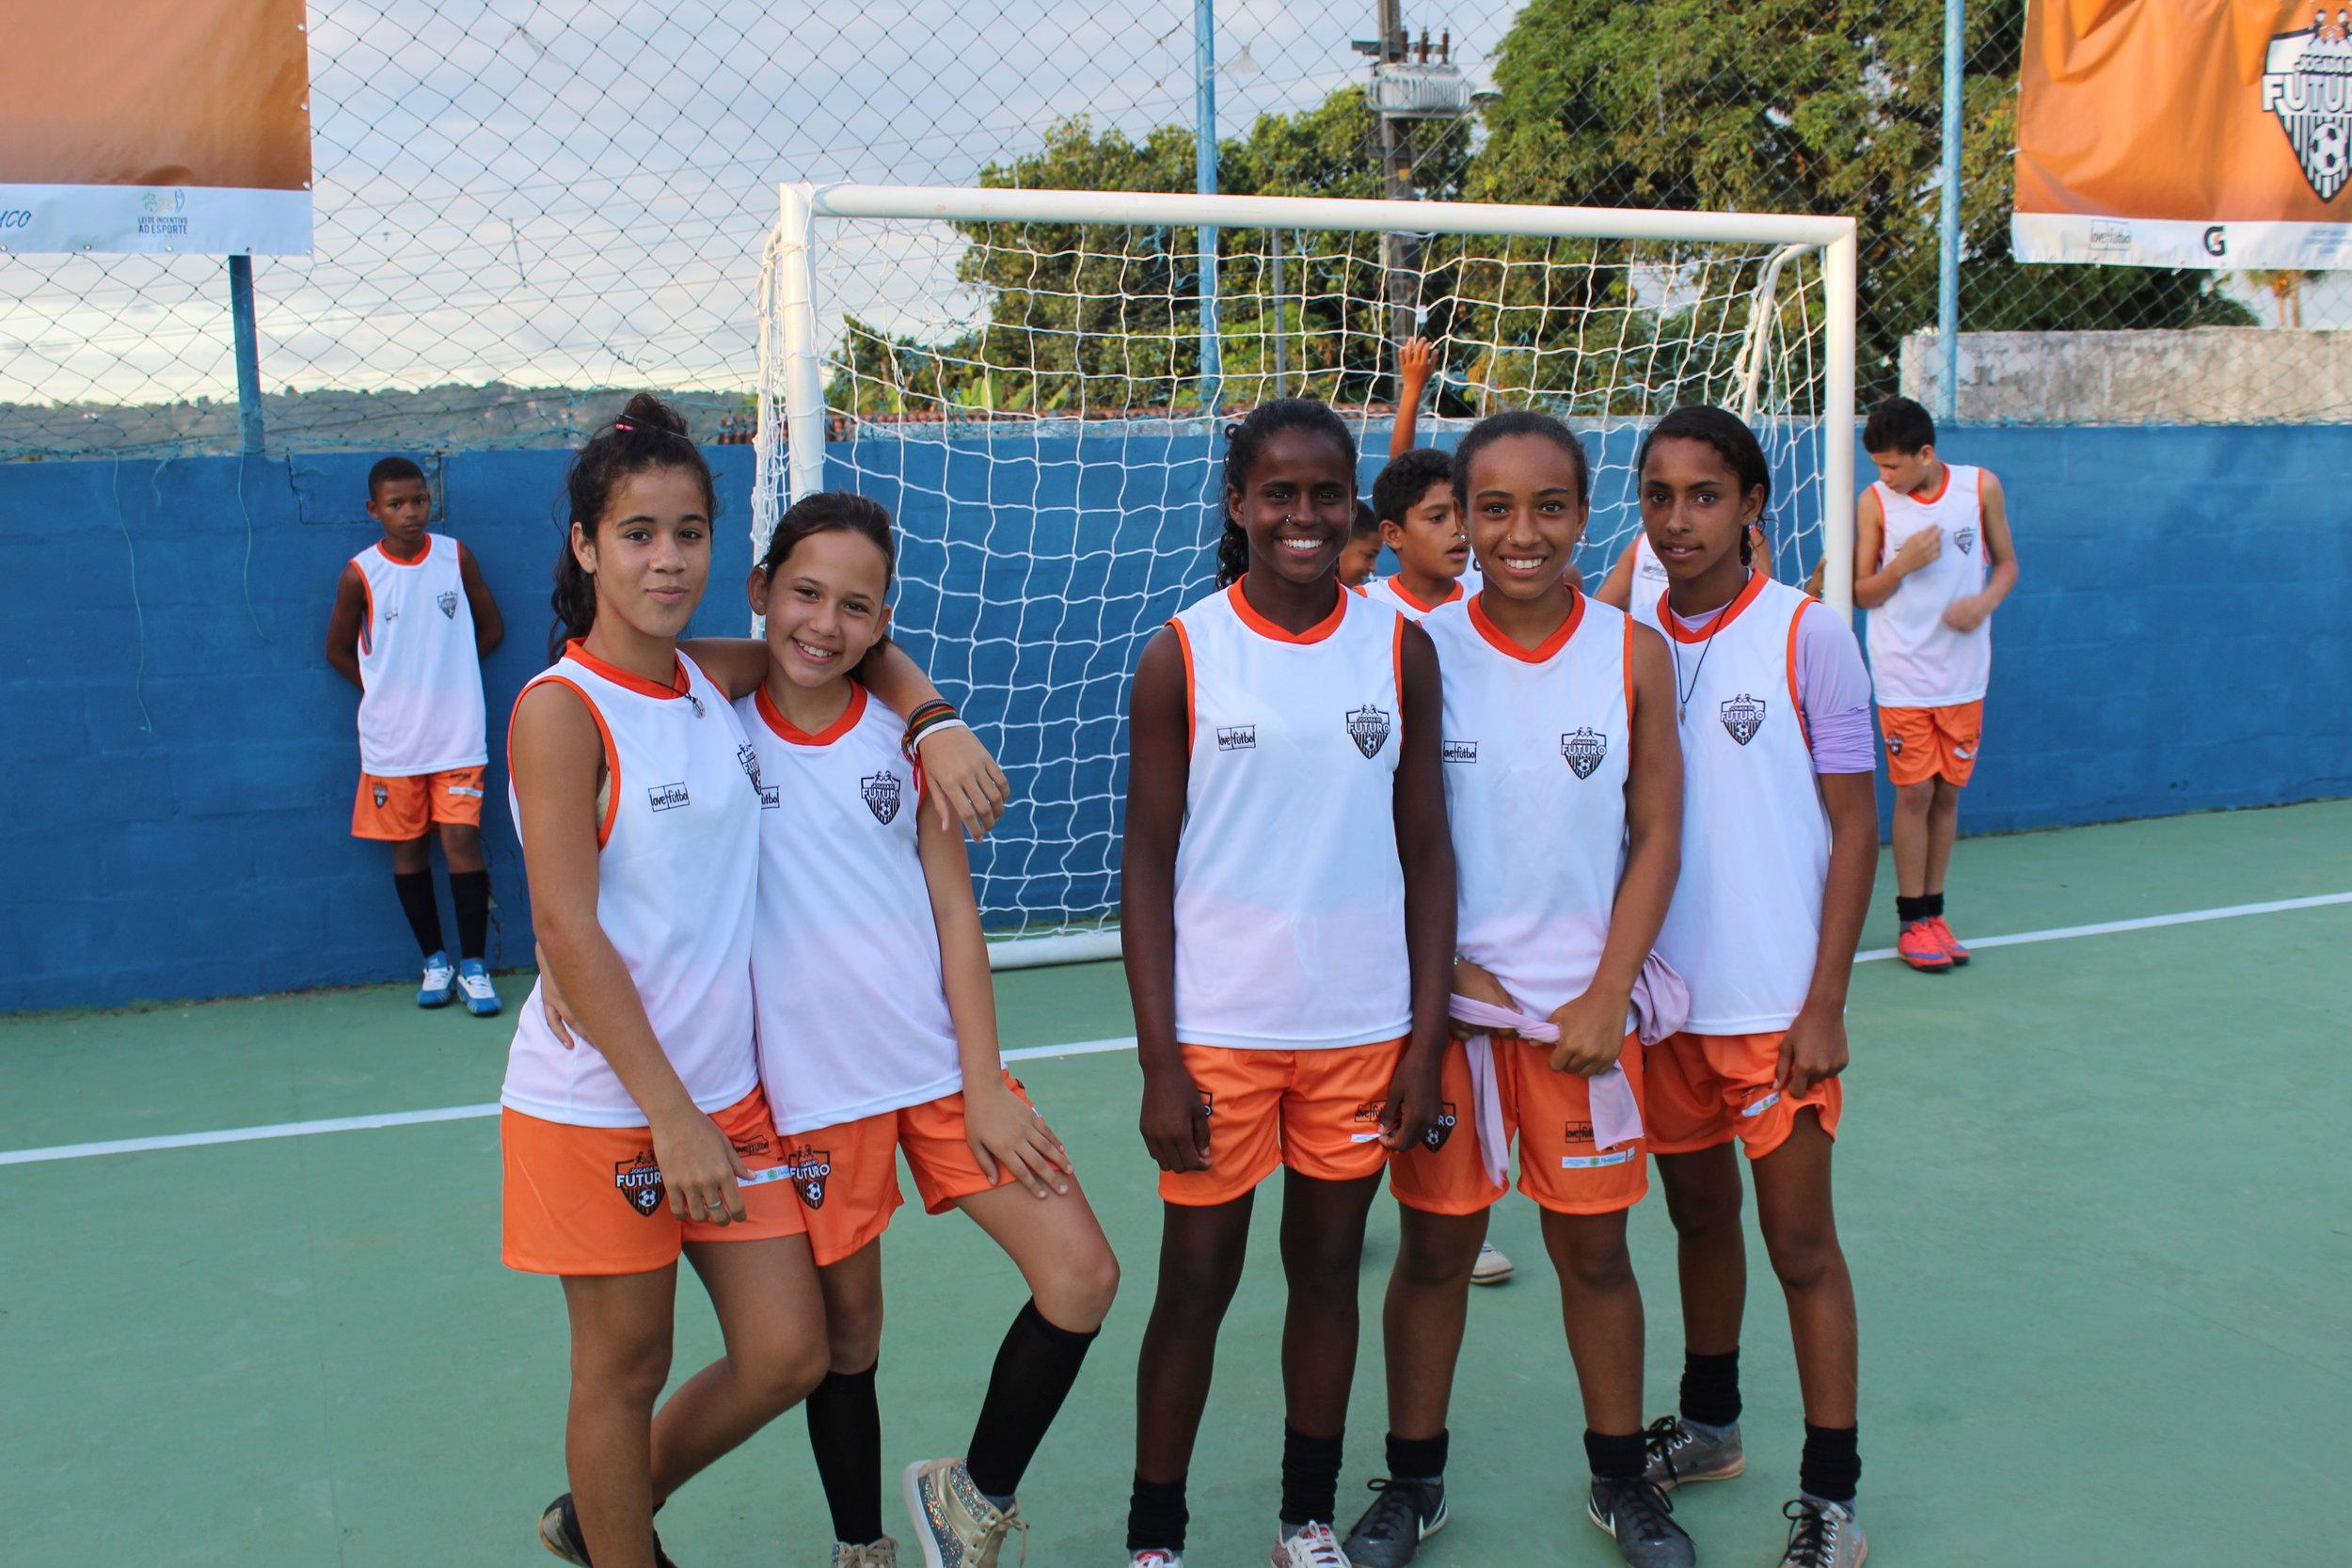 futebol-feminino-jogada-do-futuro-lovefutbol.jpg